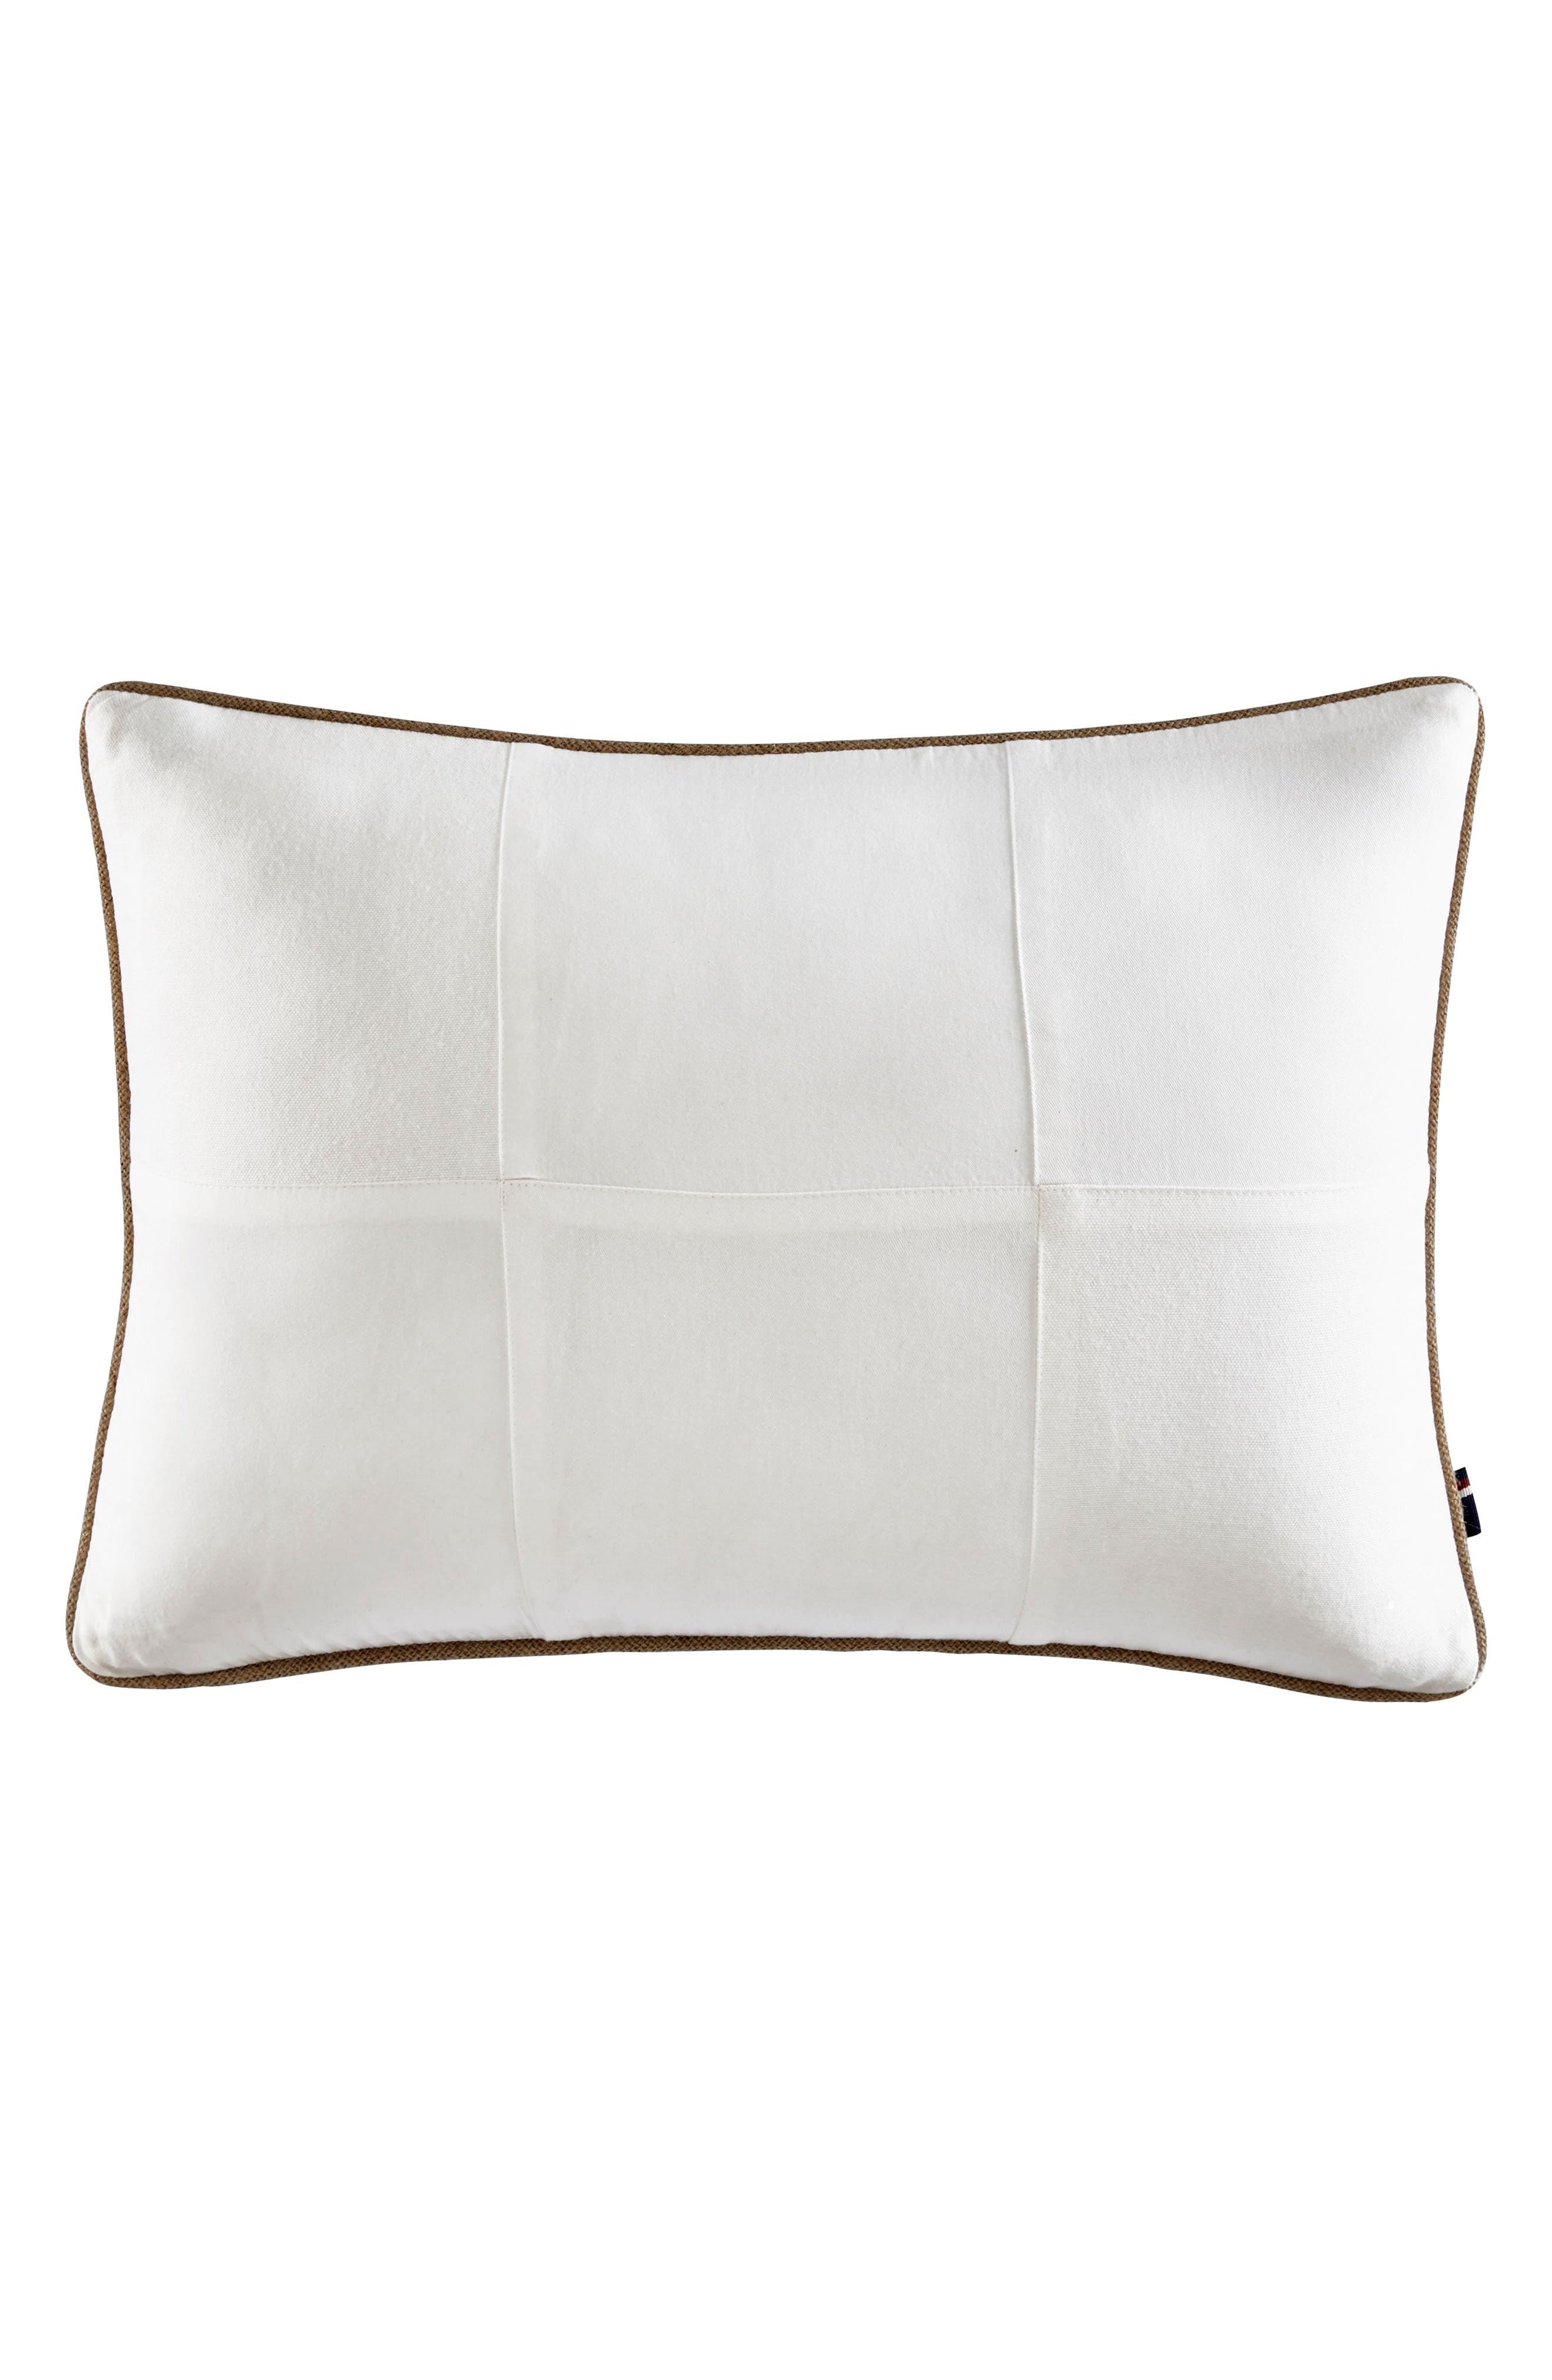 Longview Accent Pillow,                             Main thumbnail 1, color,                             100